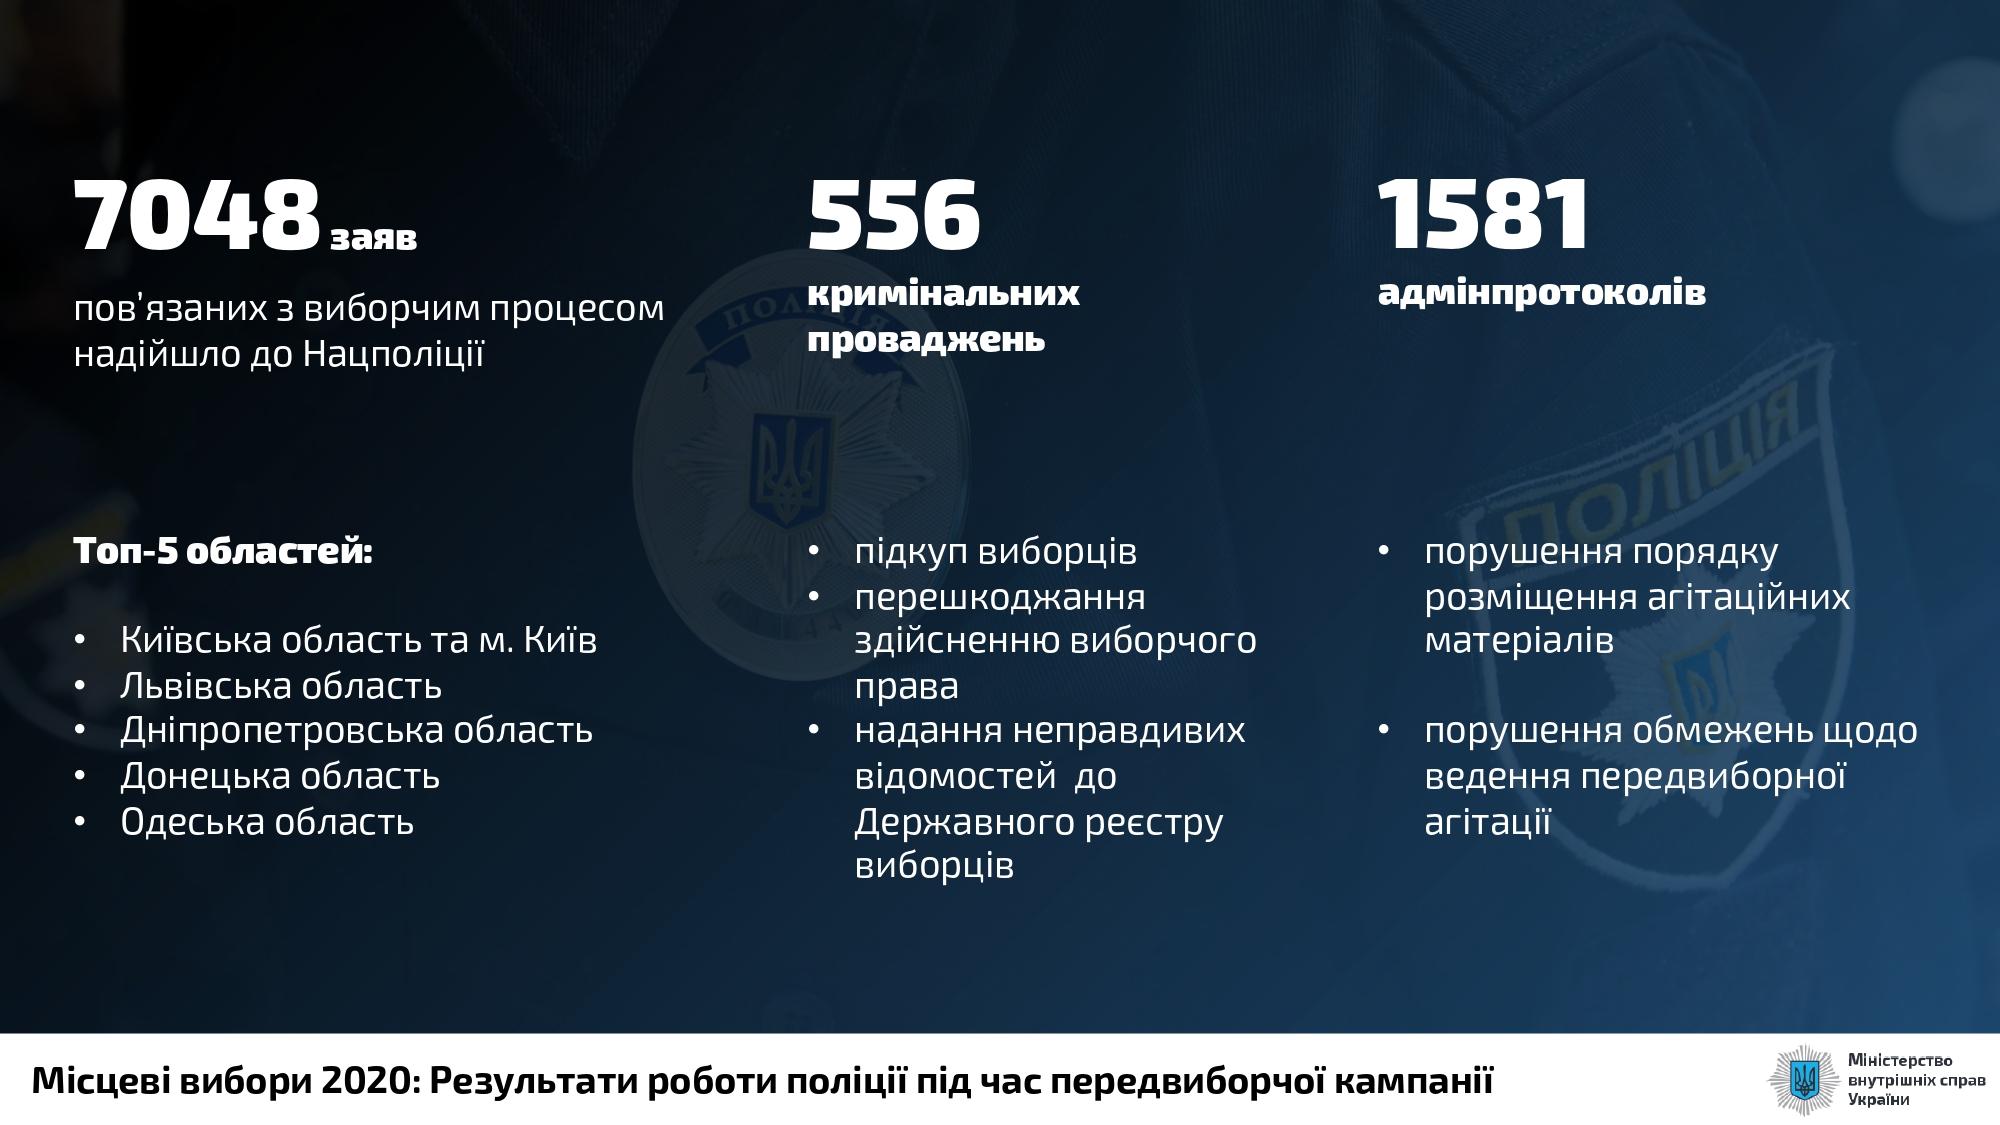 """""""Сетки"""" подкупа и 556 уголовных дел: в МВД подвели итоги избирательной кампании"""